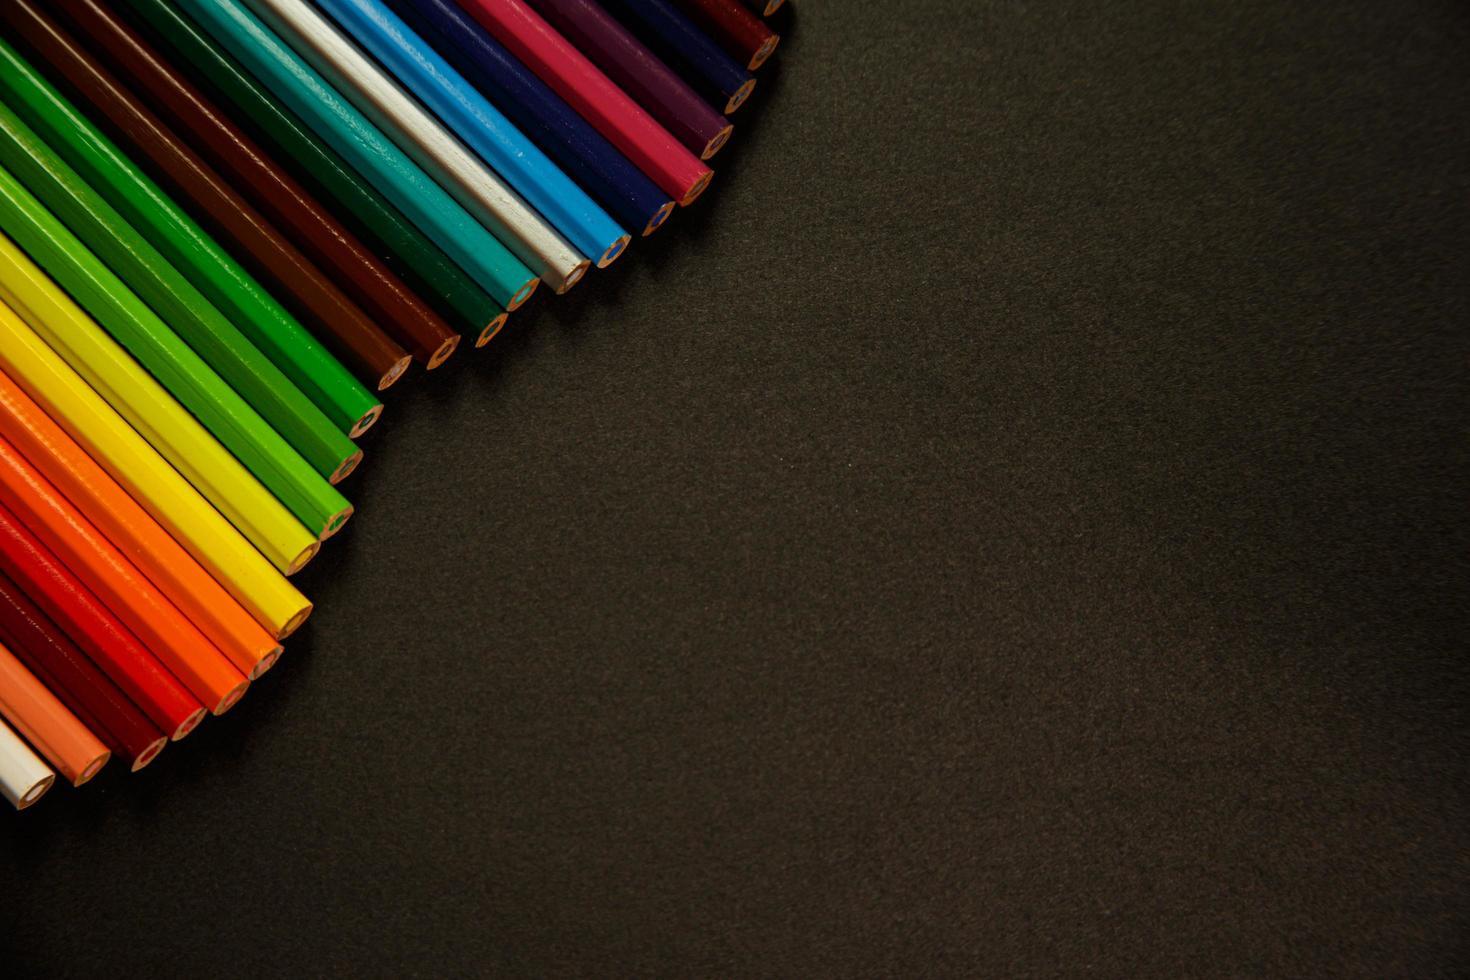 lápices de colores sobre fondo oscuro foto